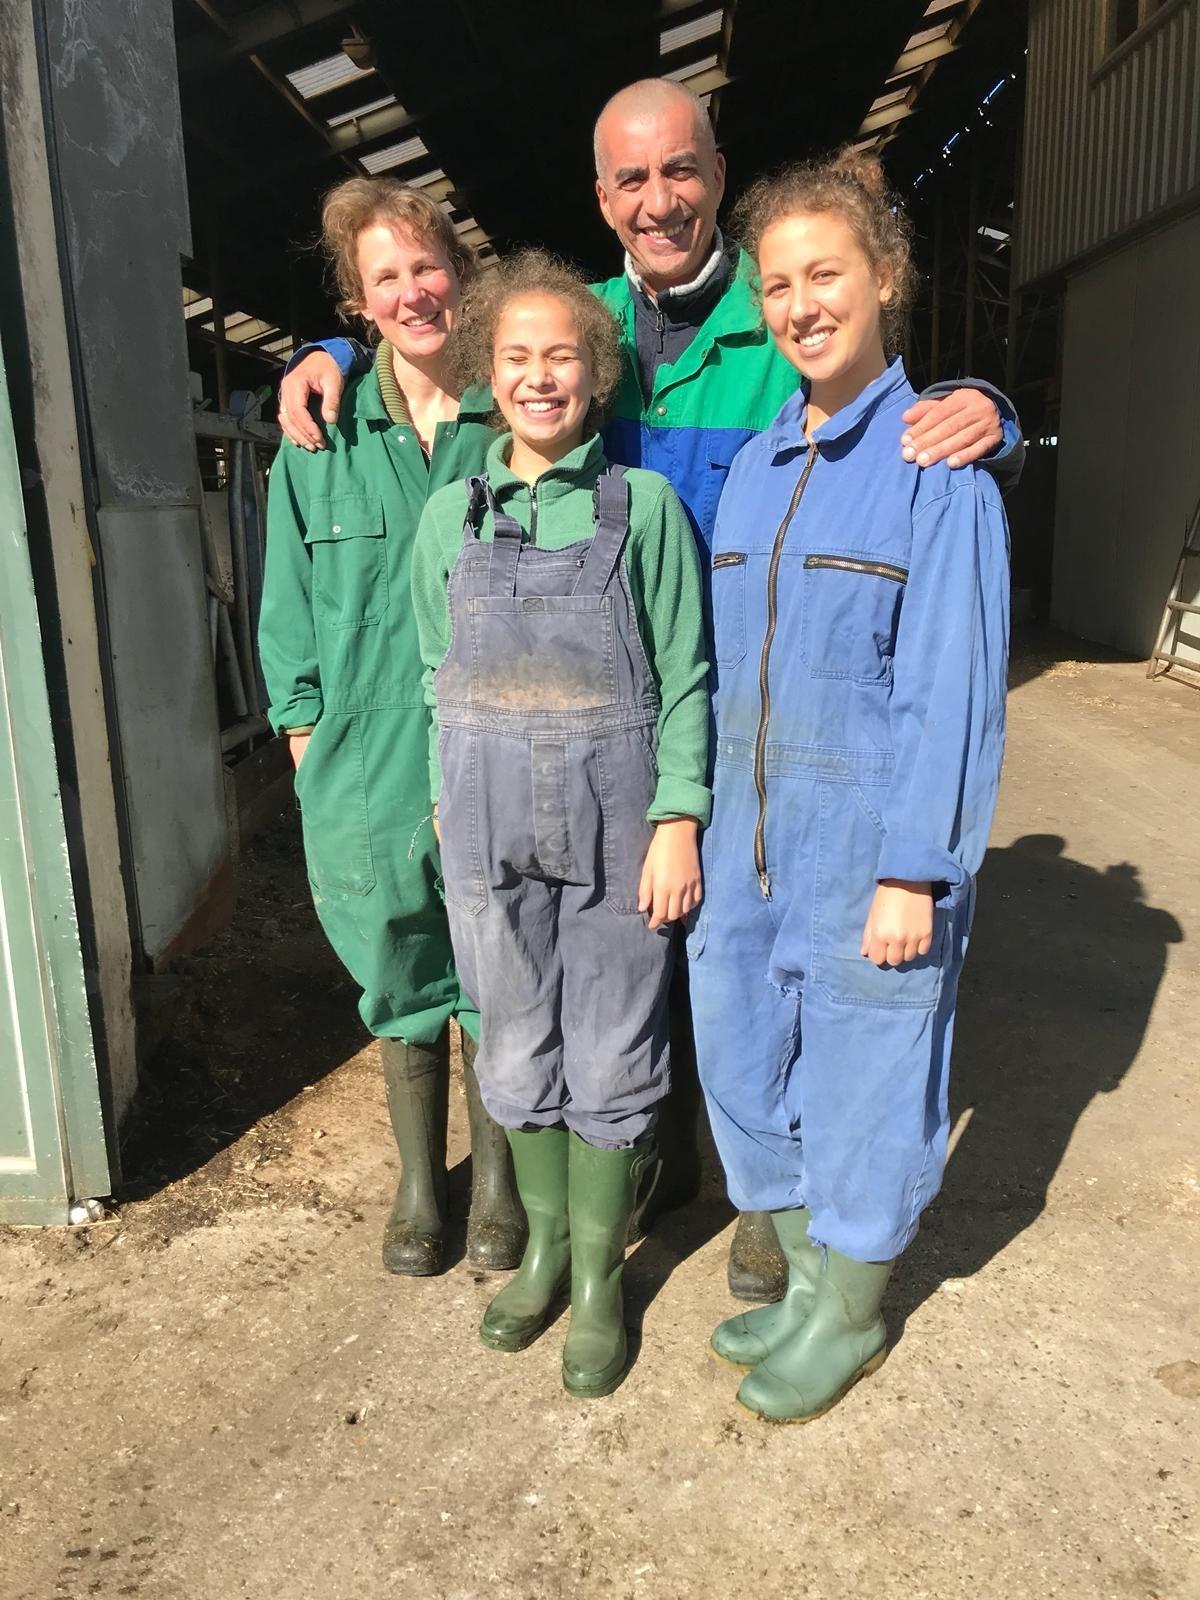 De familie uit Rotterdam die een week gebivakkeerd hebben op de kaasboerderij